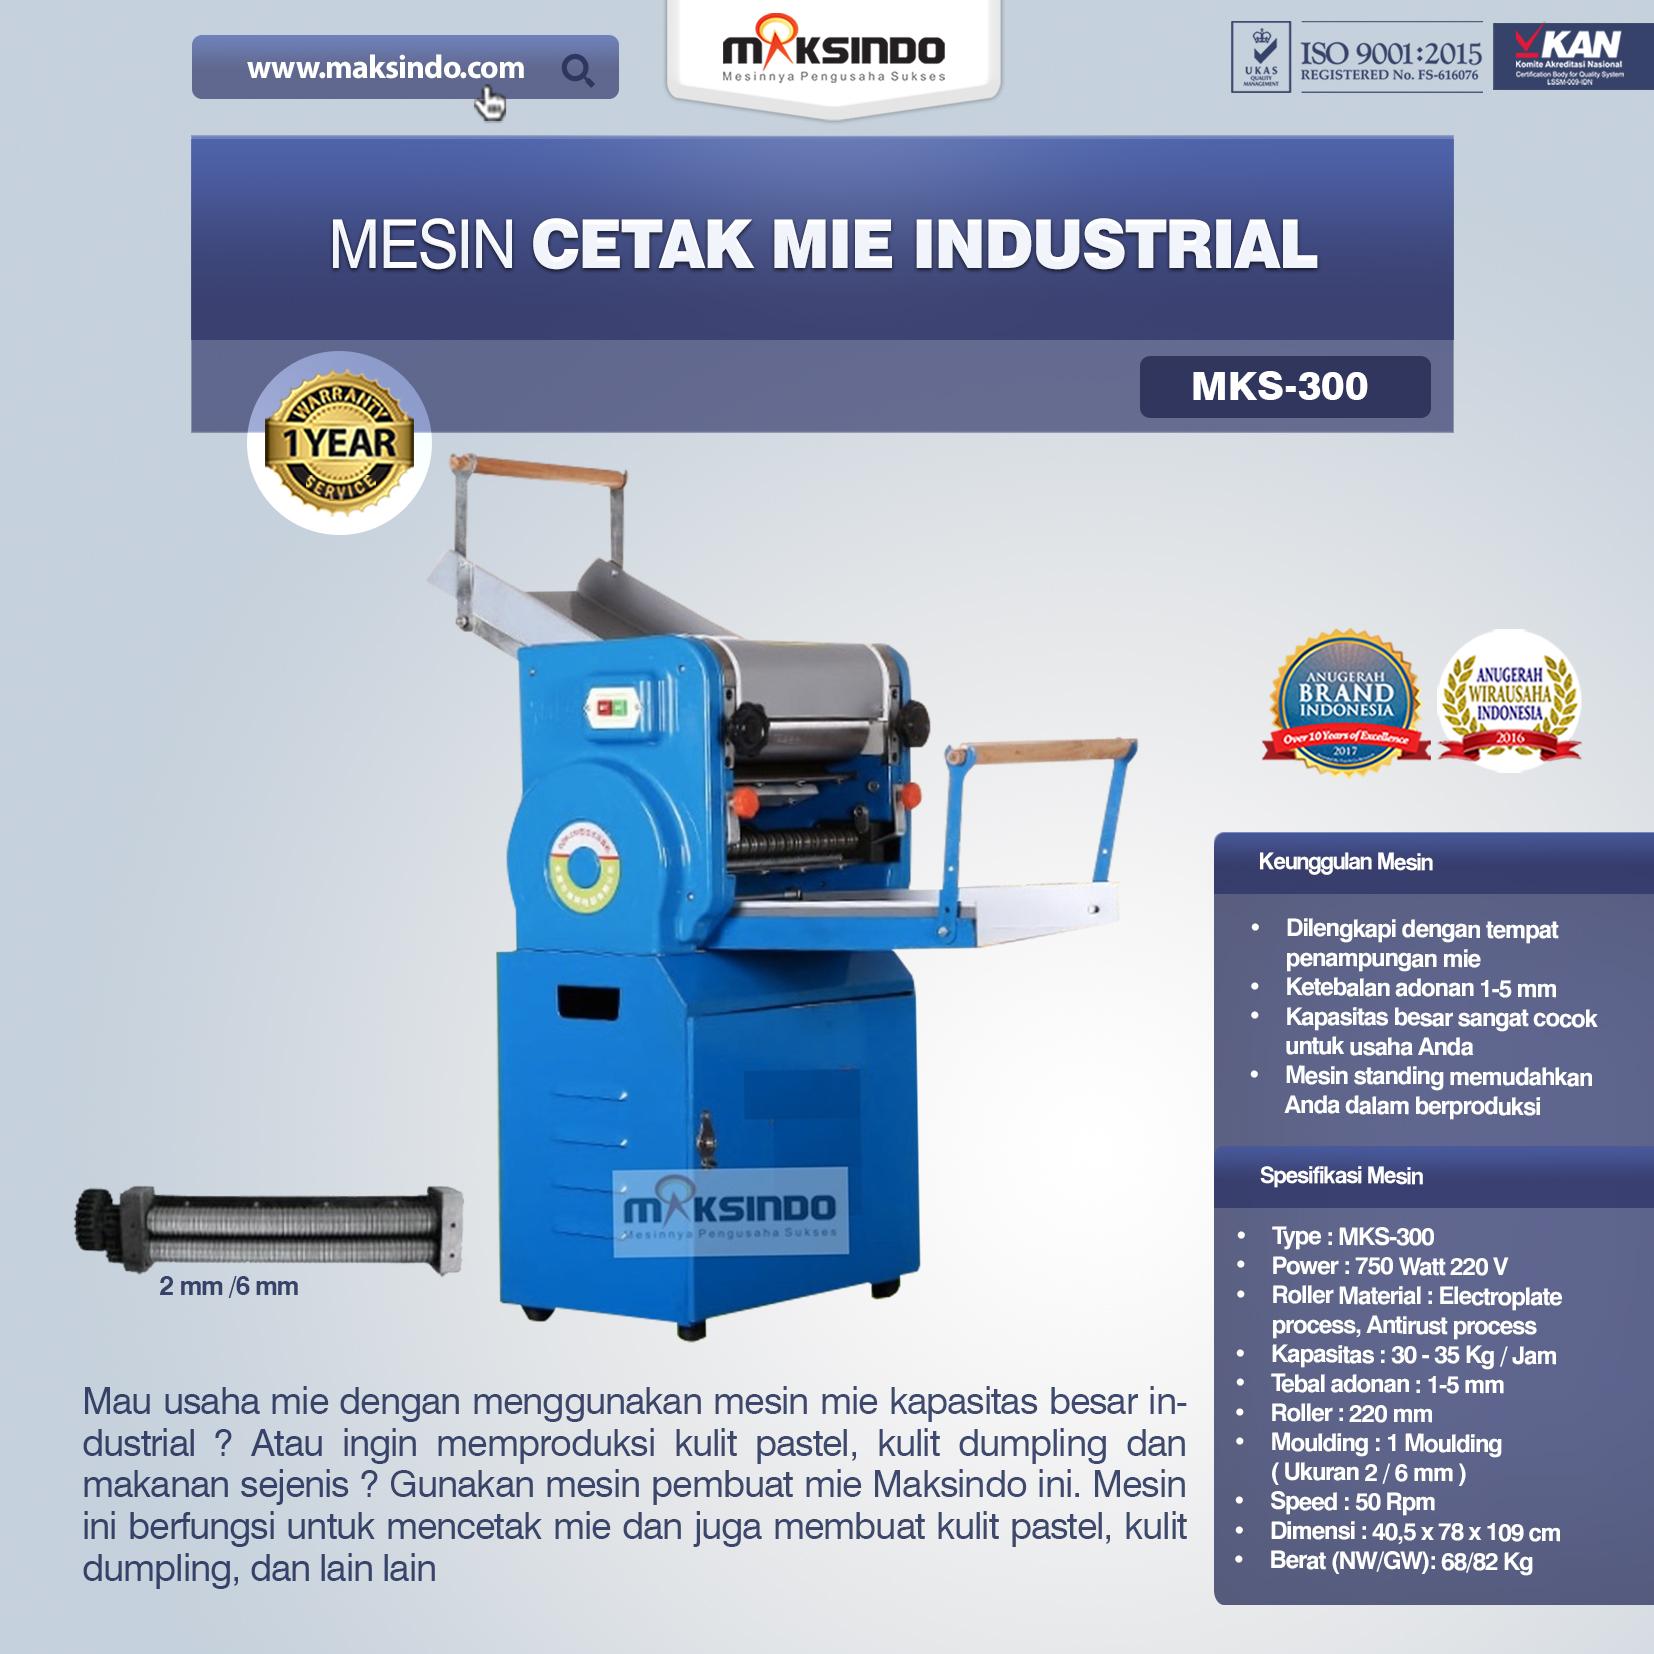 Jual Mesin Cetak Mie Industrial (MKS-300) di Surabaya ...